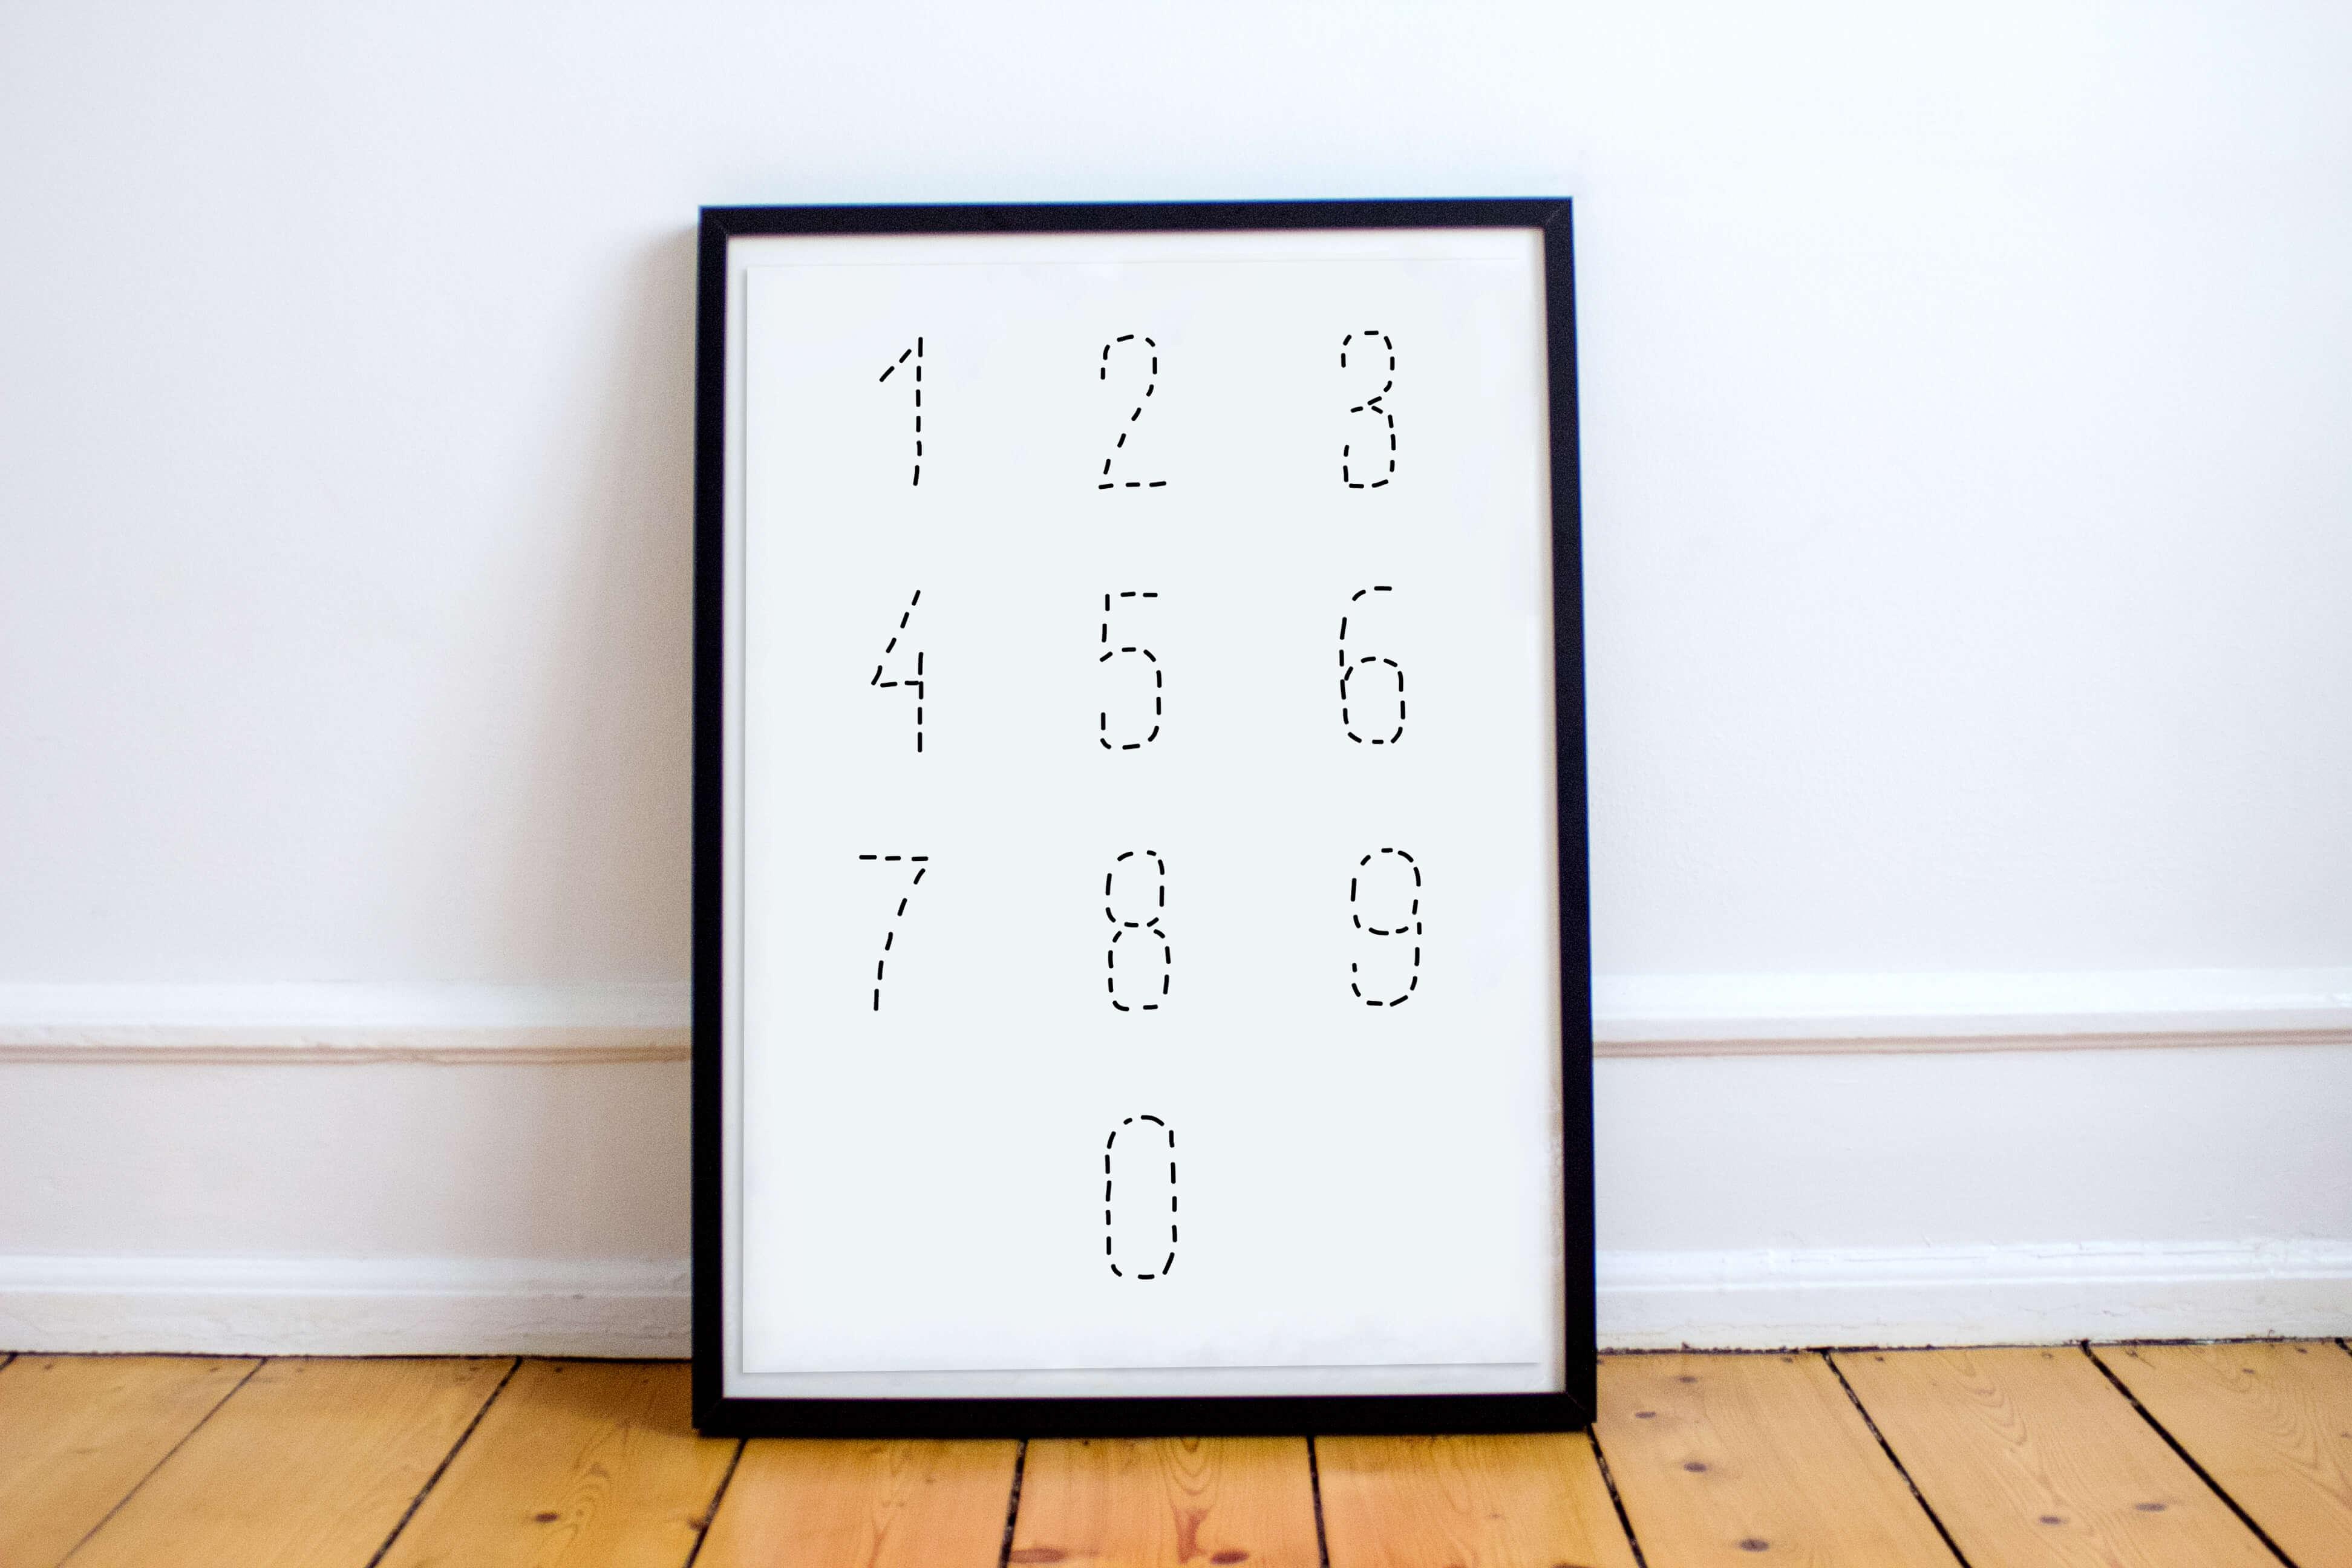 Druckvorlage Ausmalbild Zahlen von 0-9